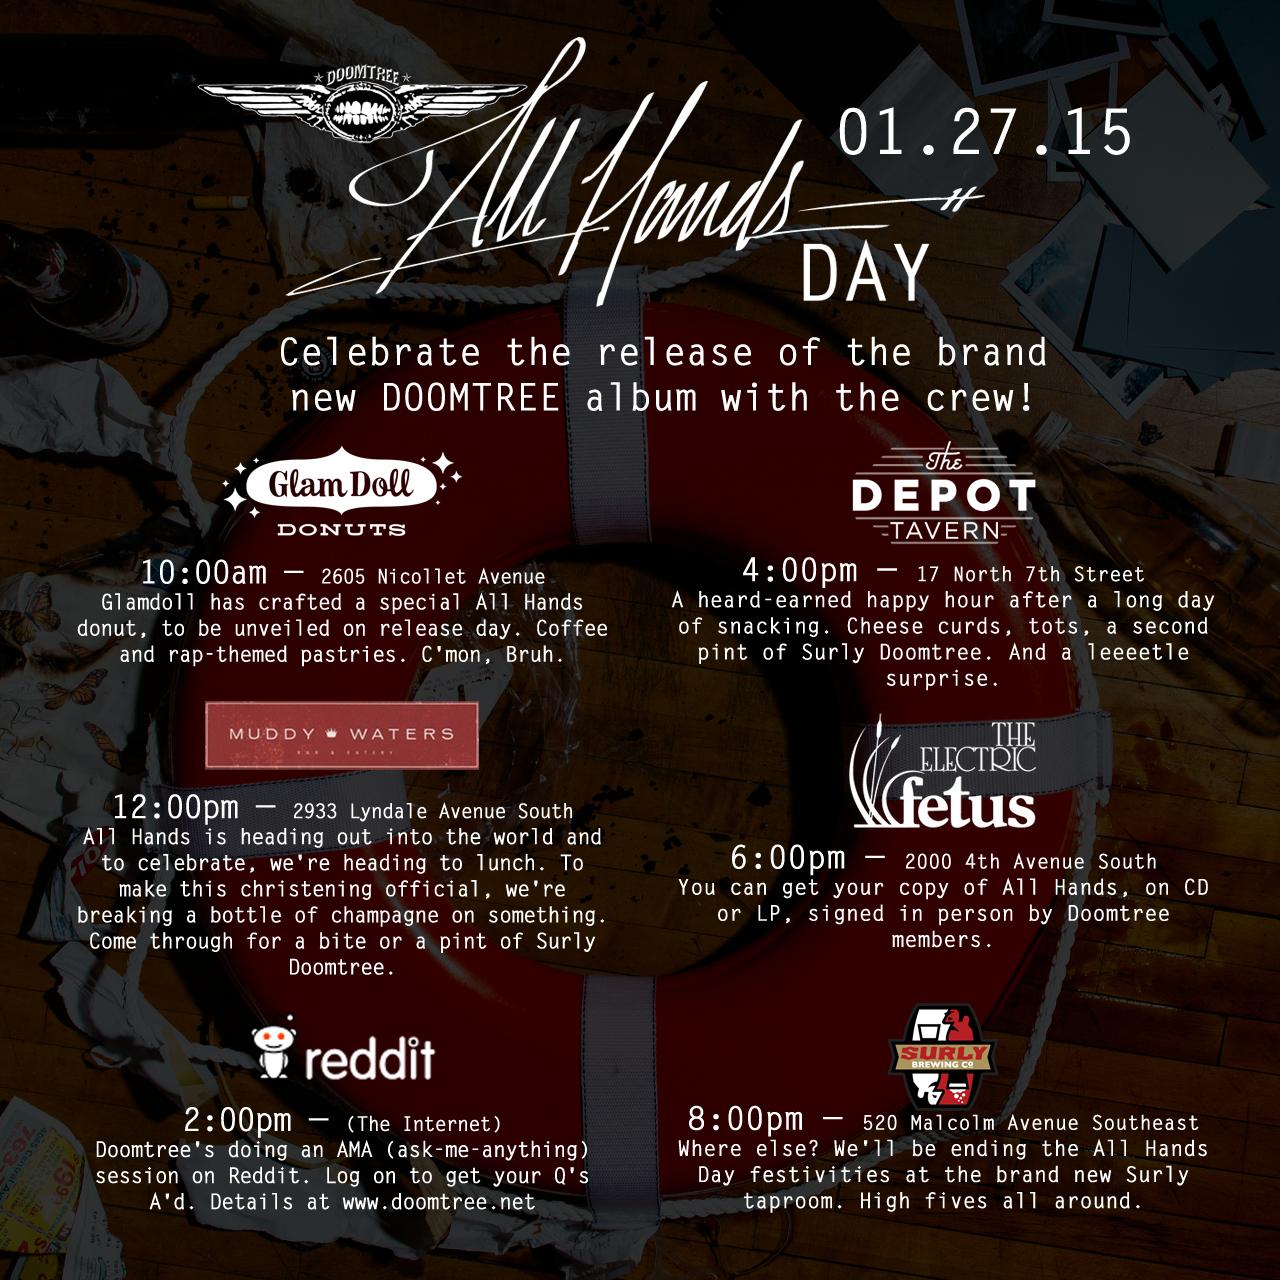 DT-ALL-HANDS-DAY_v3